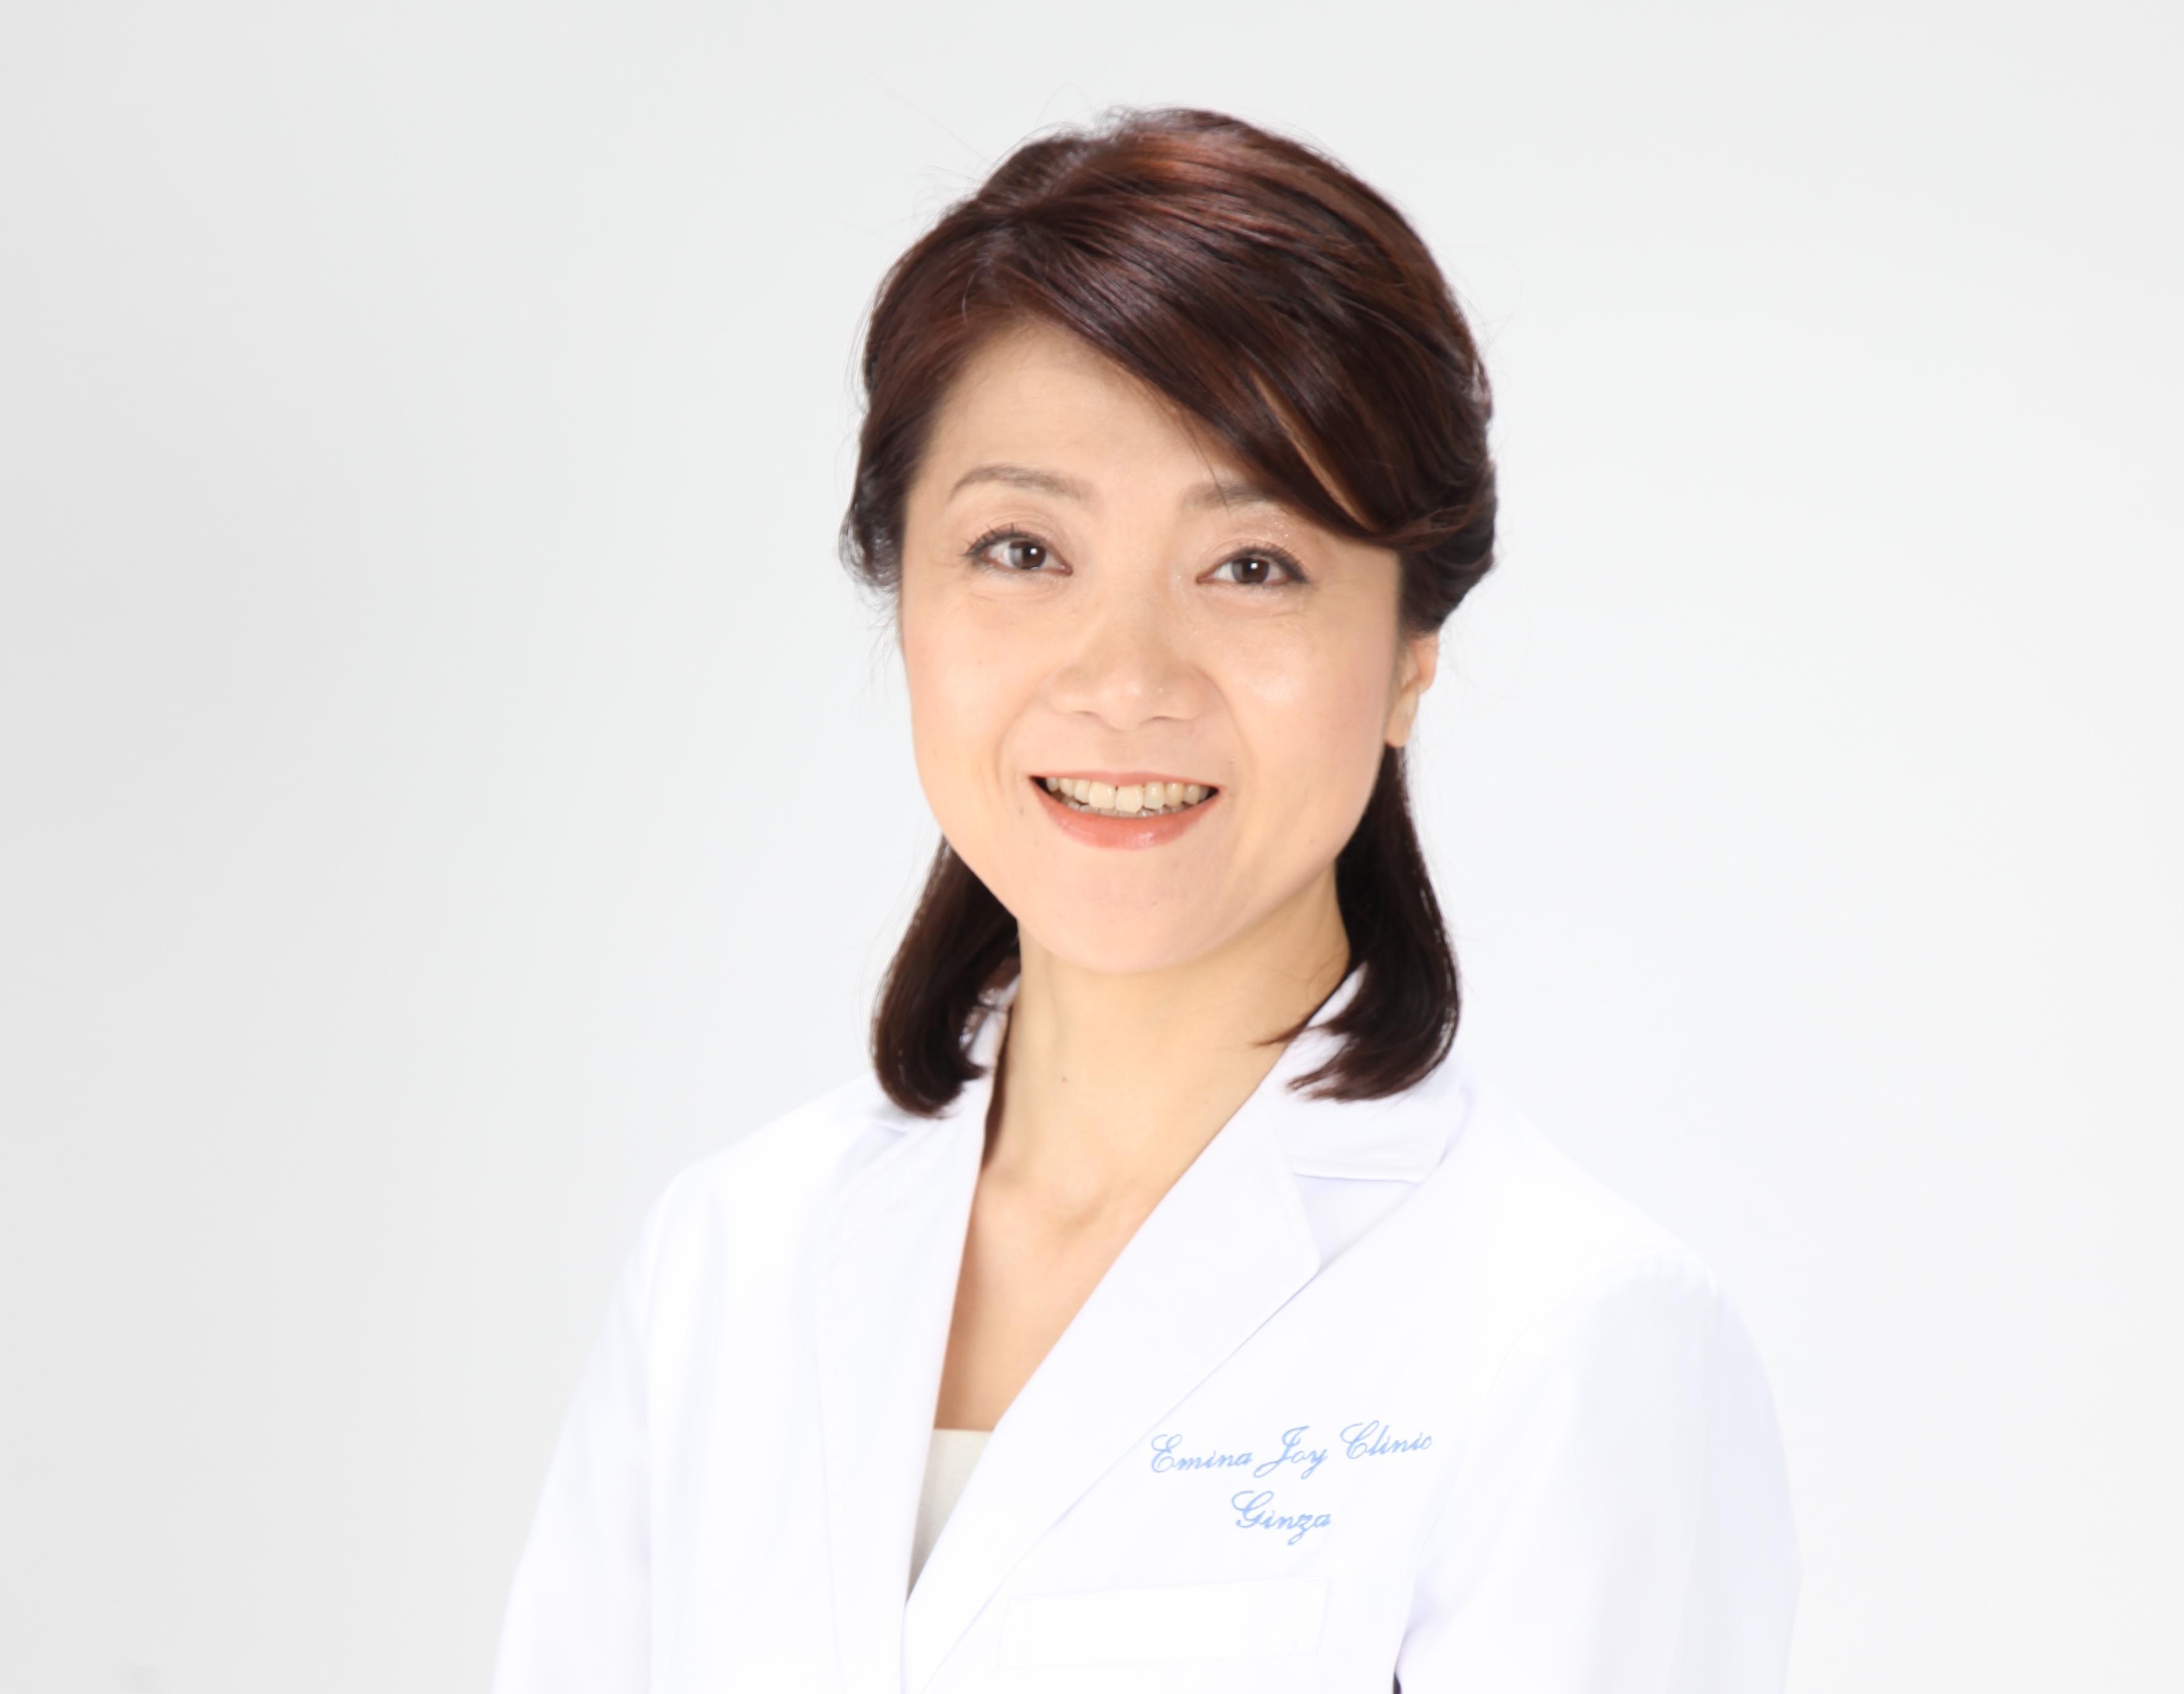 エミーナジョイクリニック銀座院長、医学博士 伊東エミナ先生